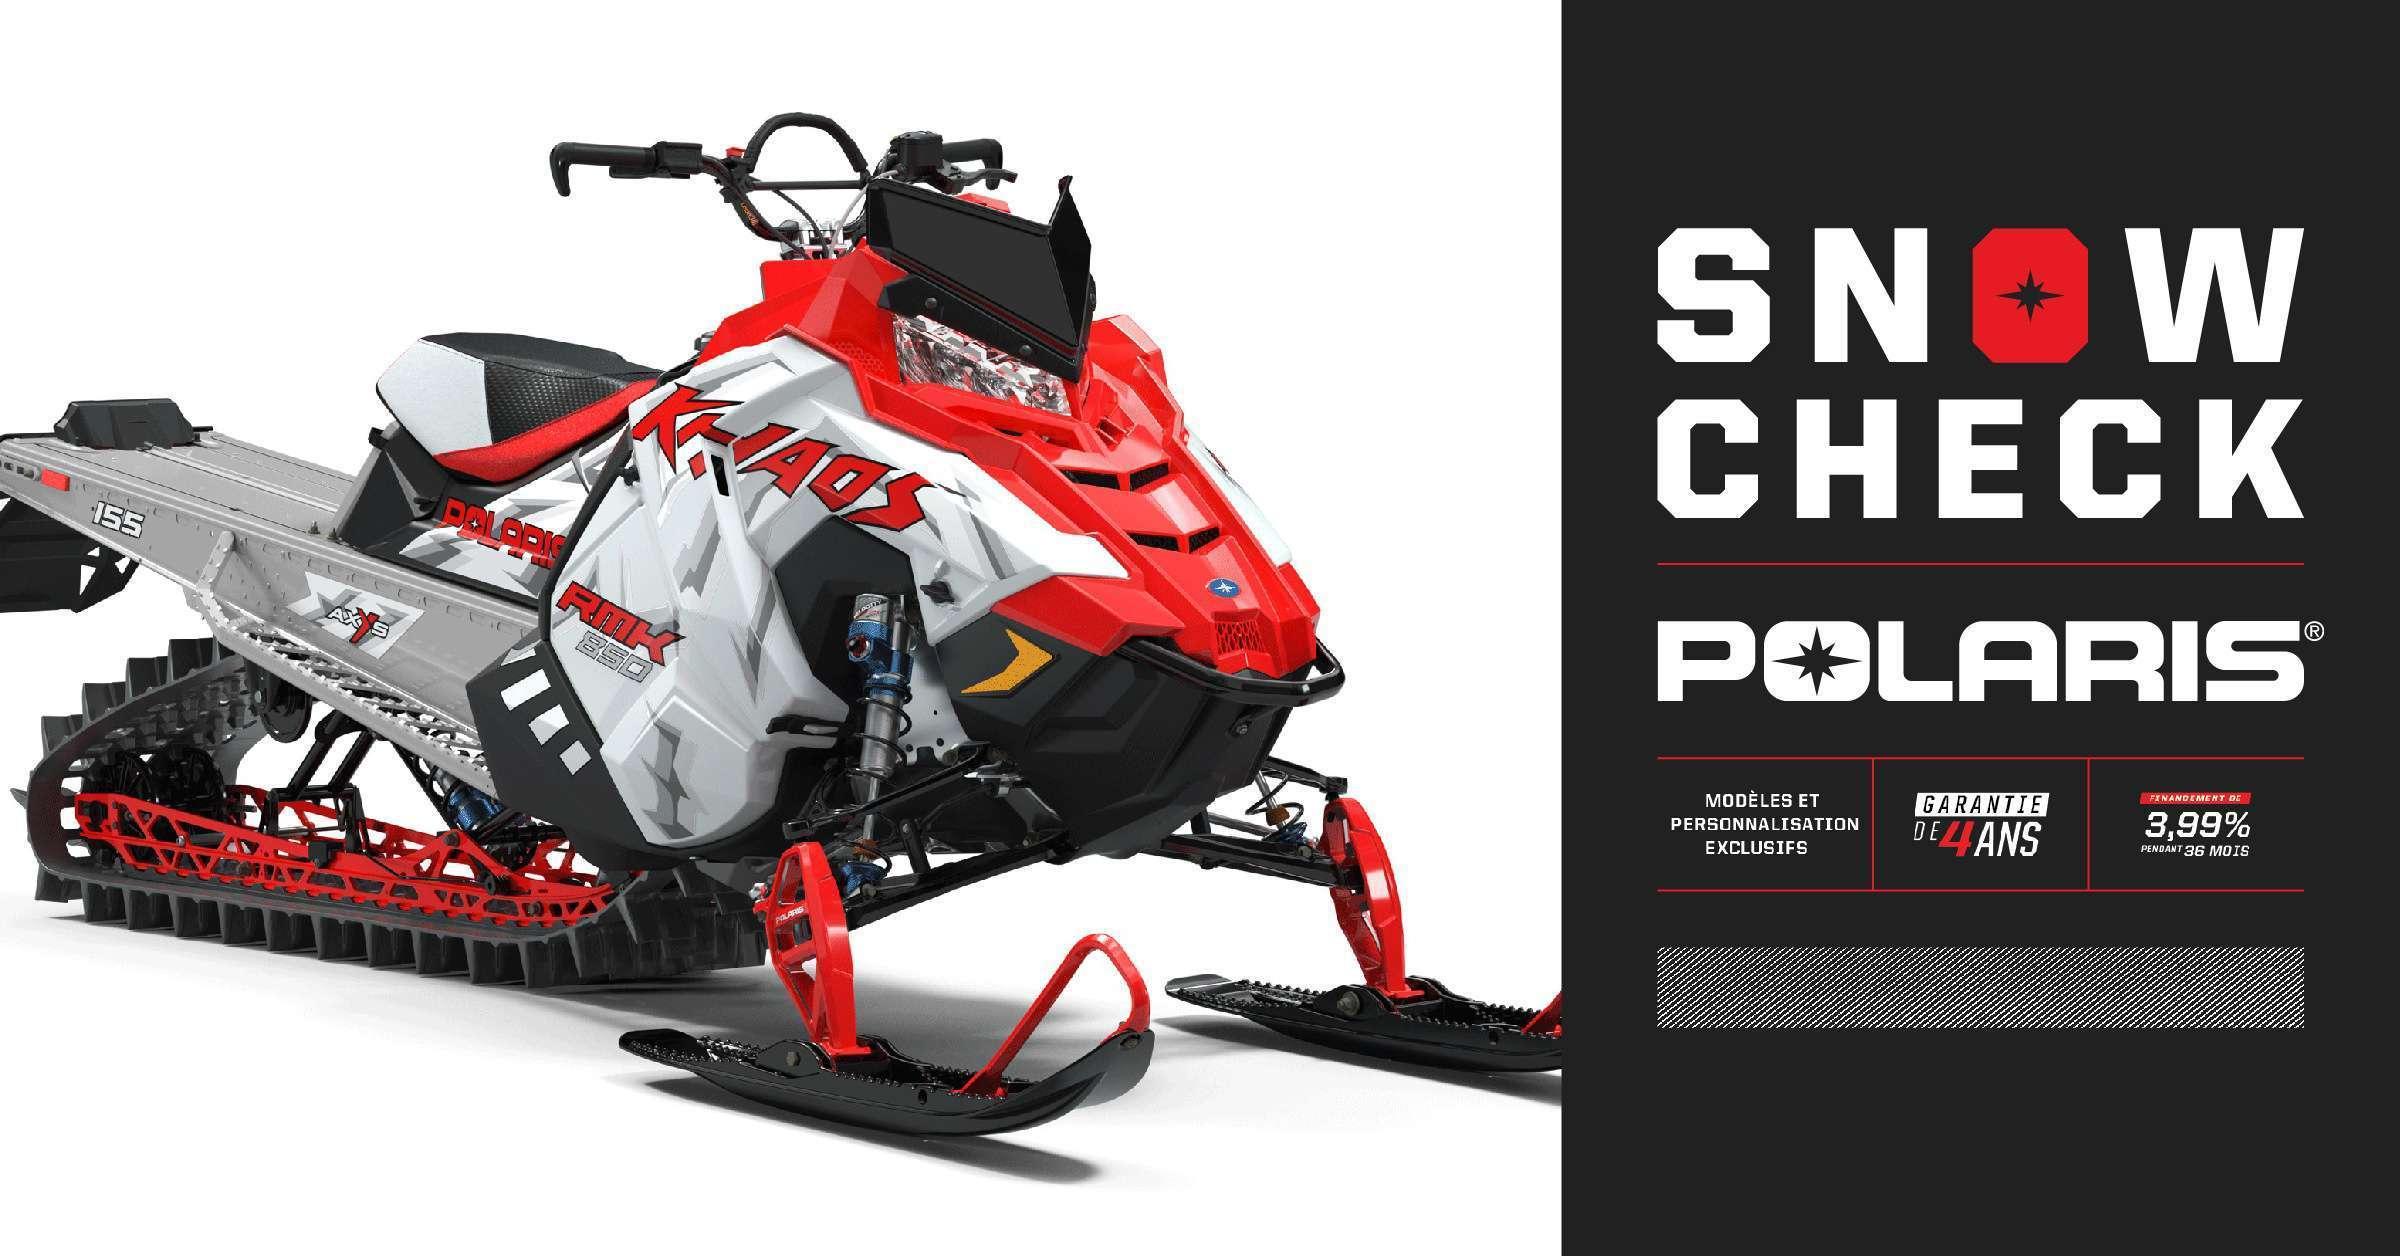 Snowcheck 2020: personnalisez votre motoneige à un tout autre niveau